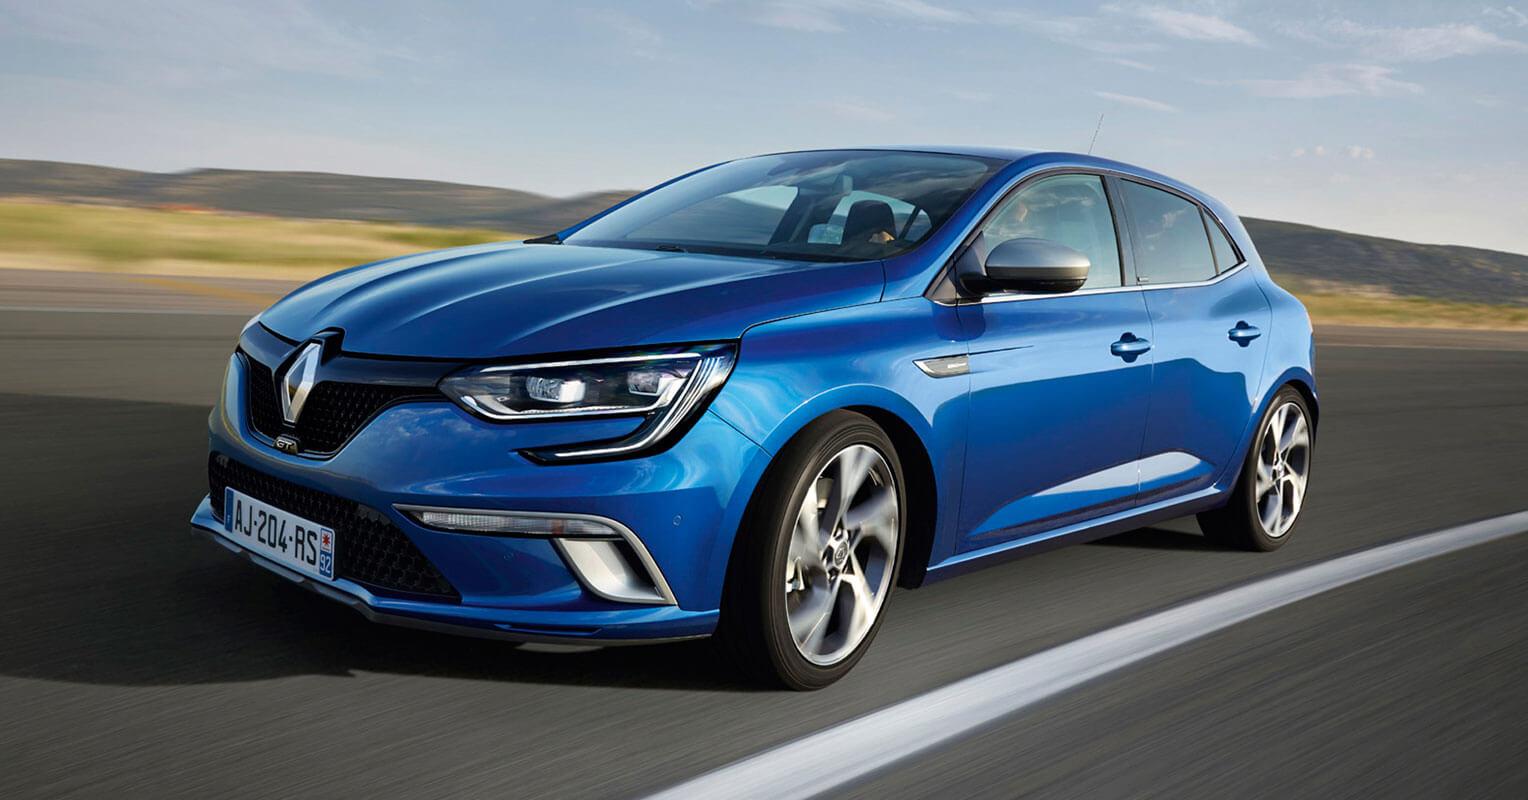 Renault Megane 2017 frontal 30.000 euros